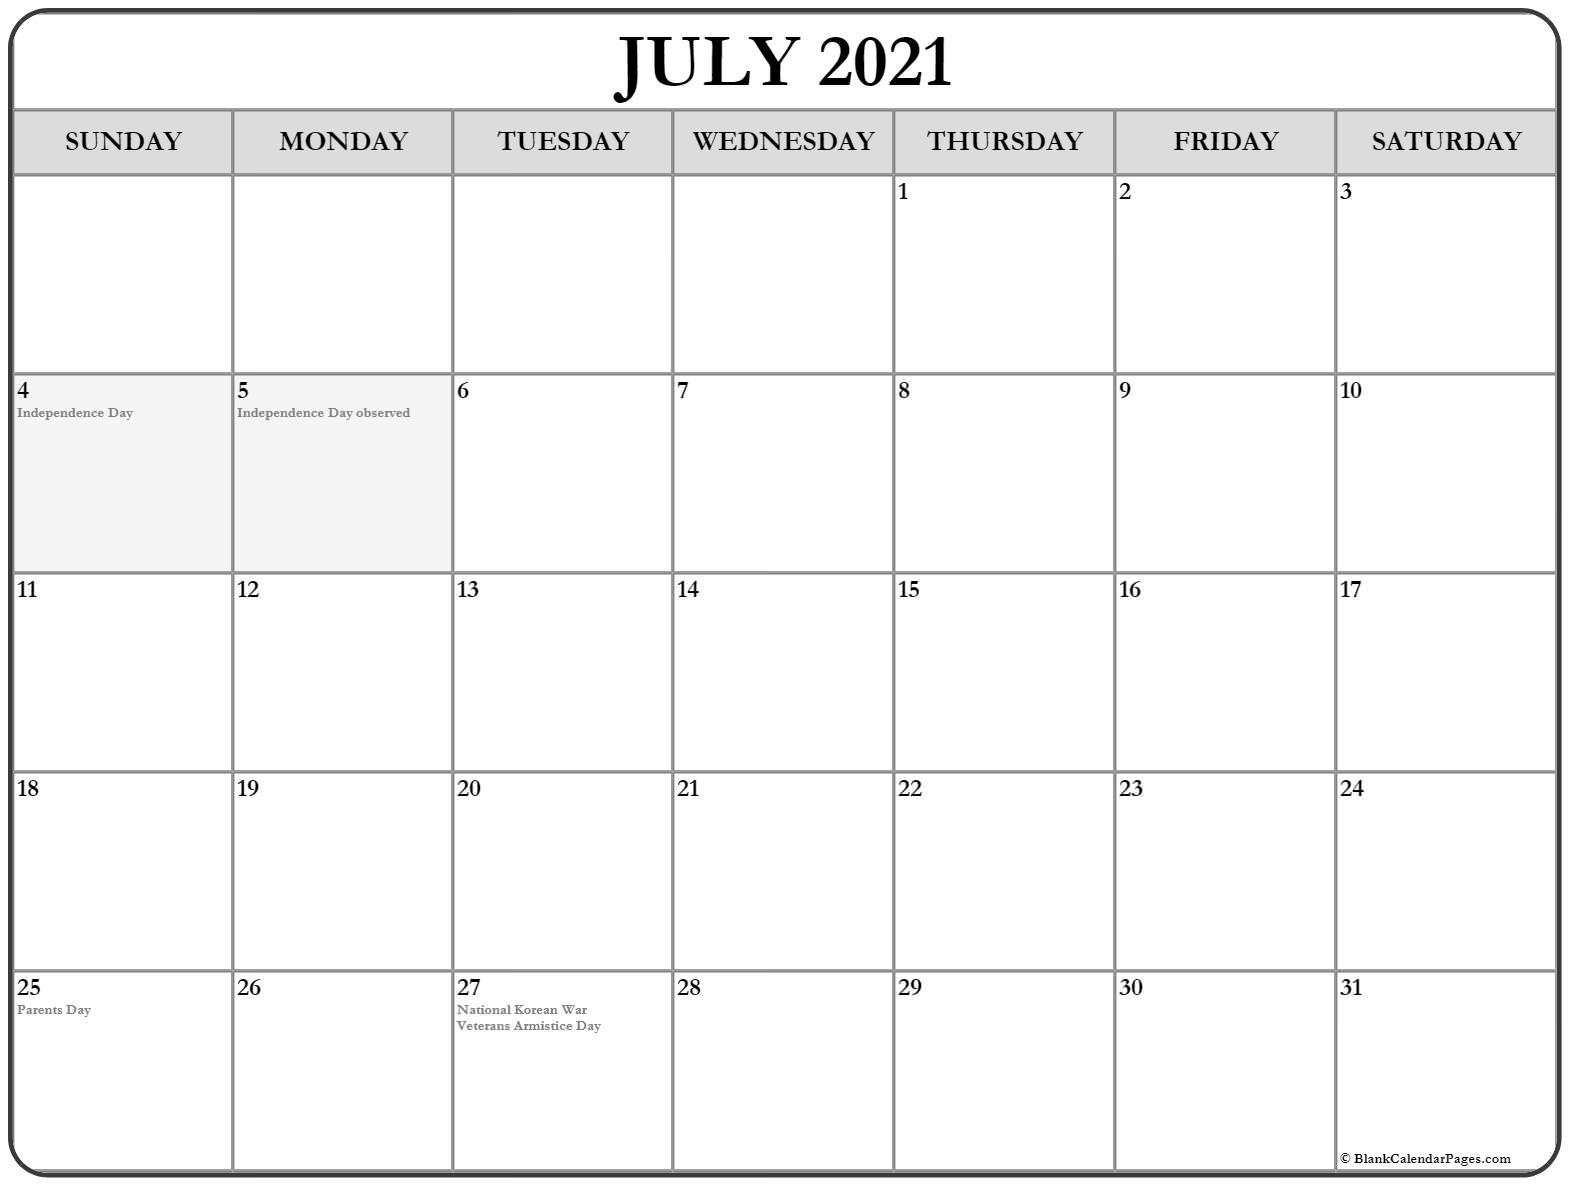 July 2021 UK Holidays